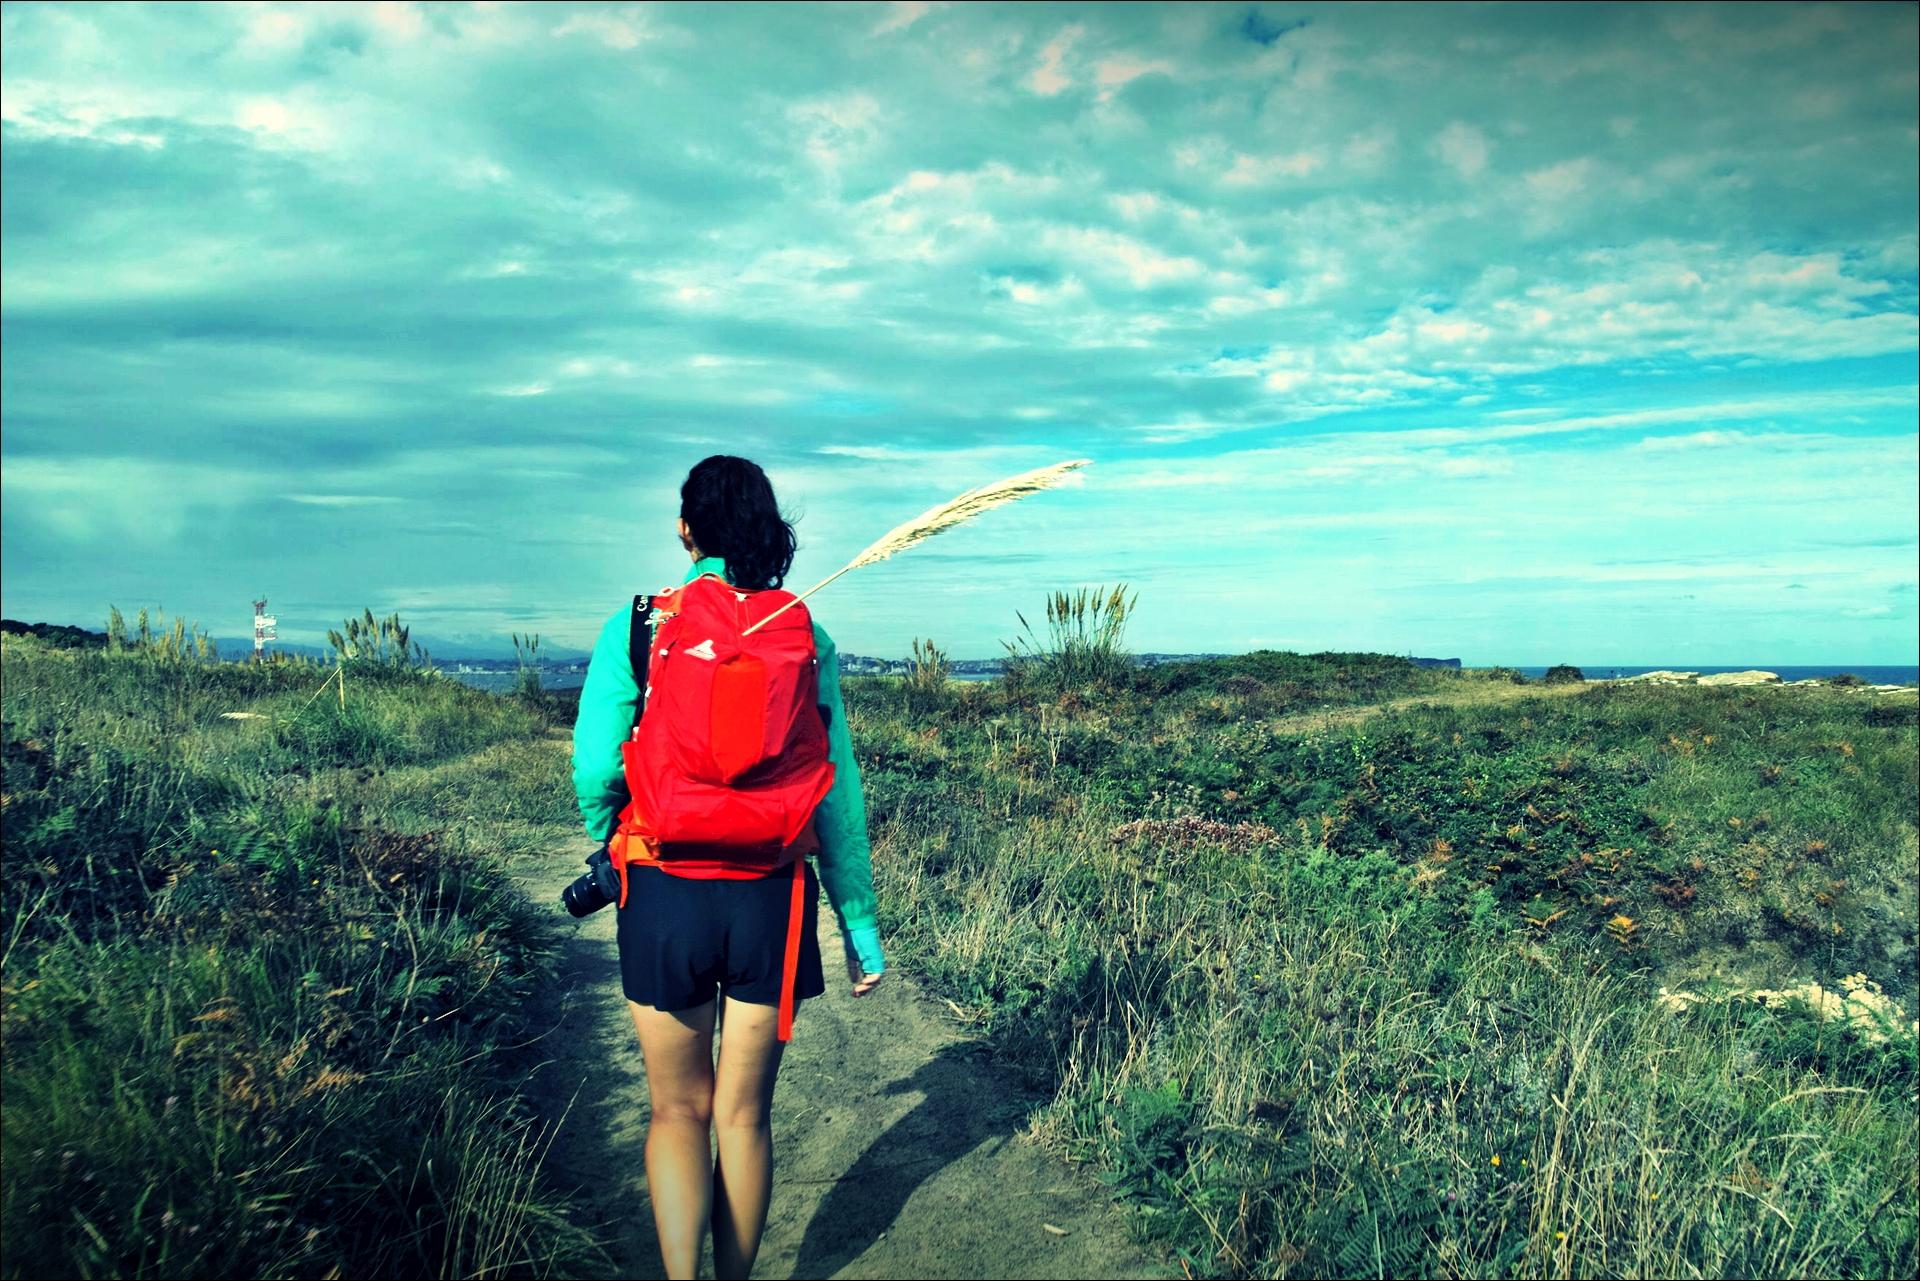 도보여행자-'카미노 데 산티아고 북쪽길. 궤메스에서 산탄데르. (Camino del Norte - Güemes to Santander)'